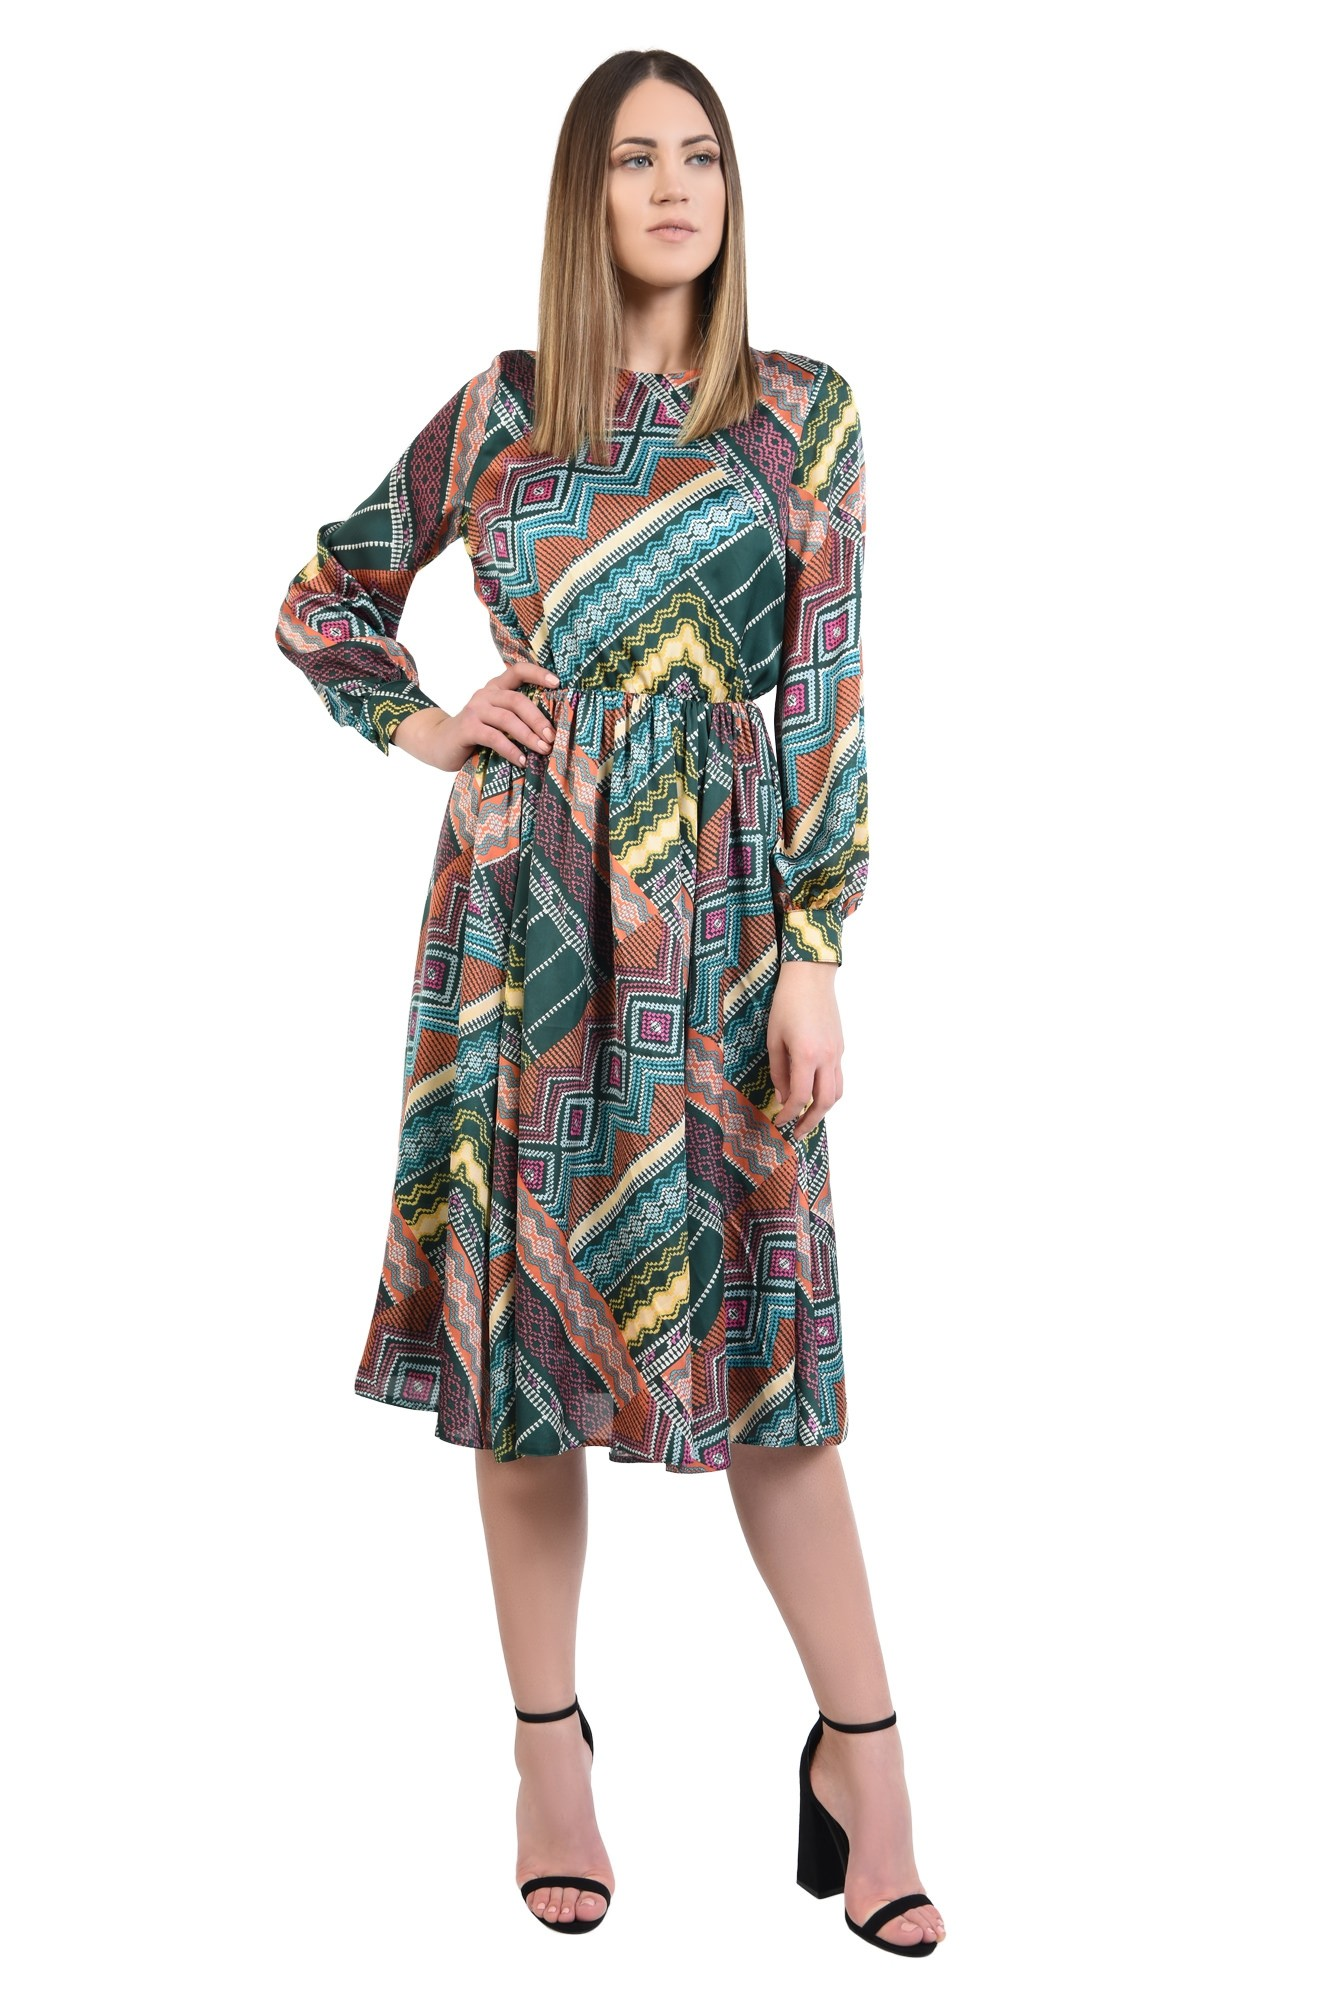 3 - 360 - rochie casual, imprimata, print geometric multicolor, lungime midi, evazata